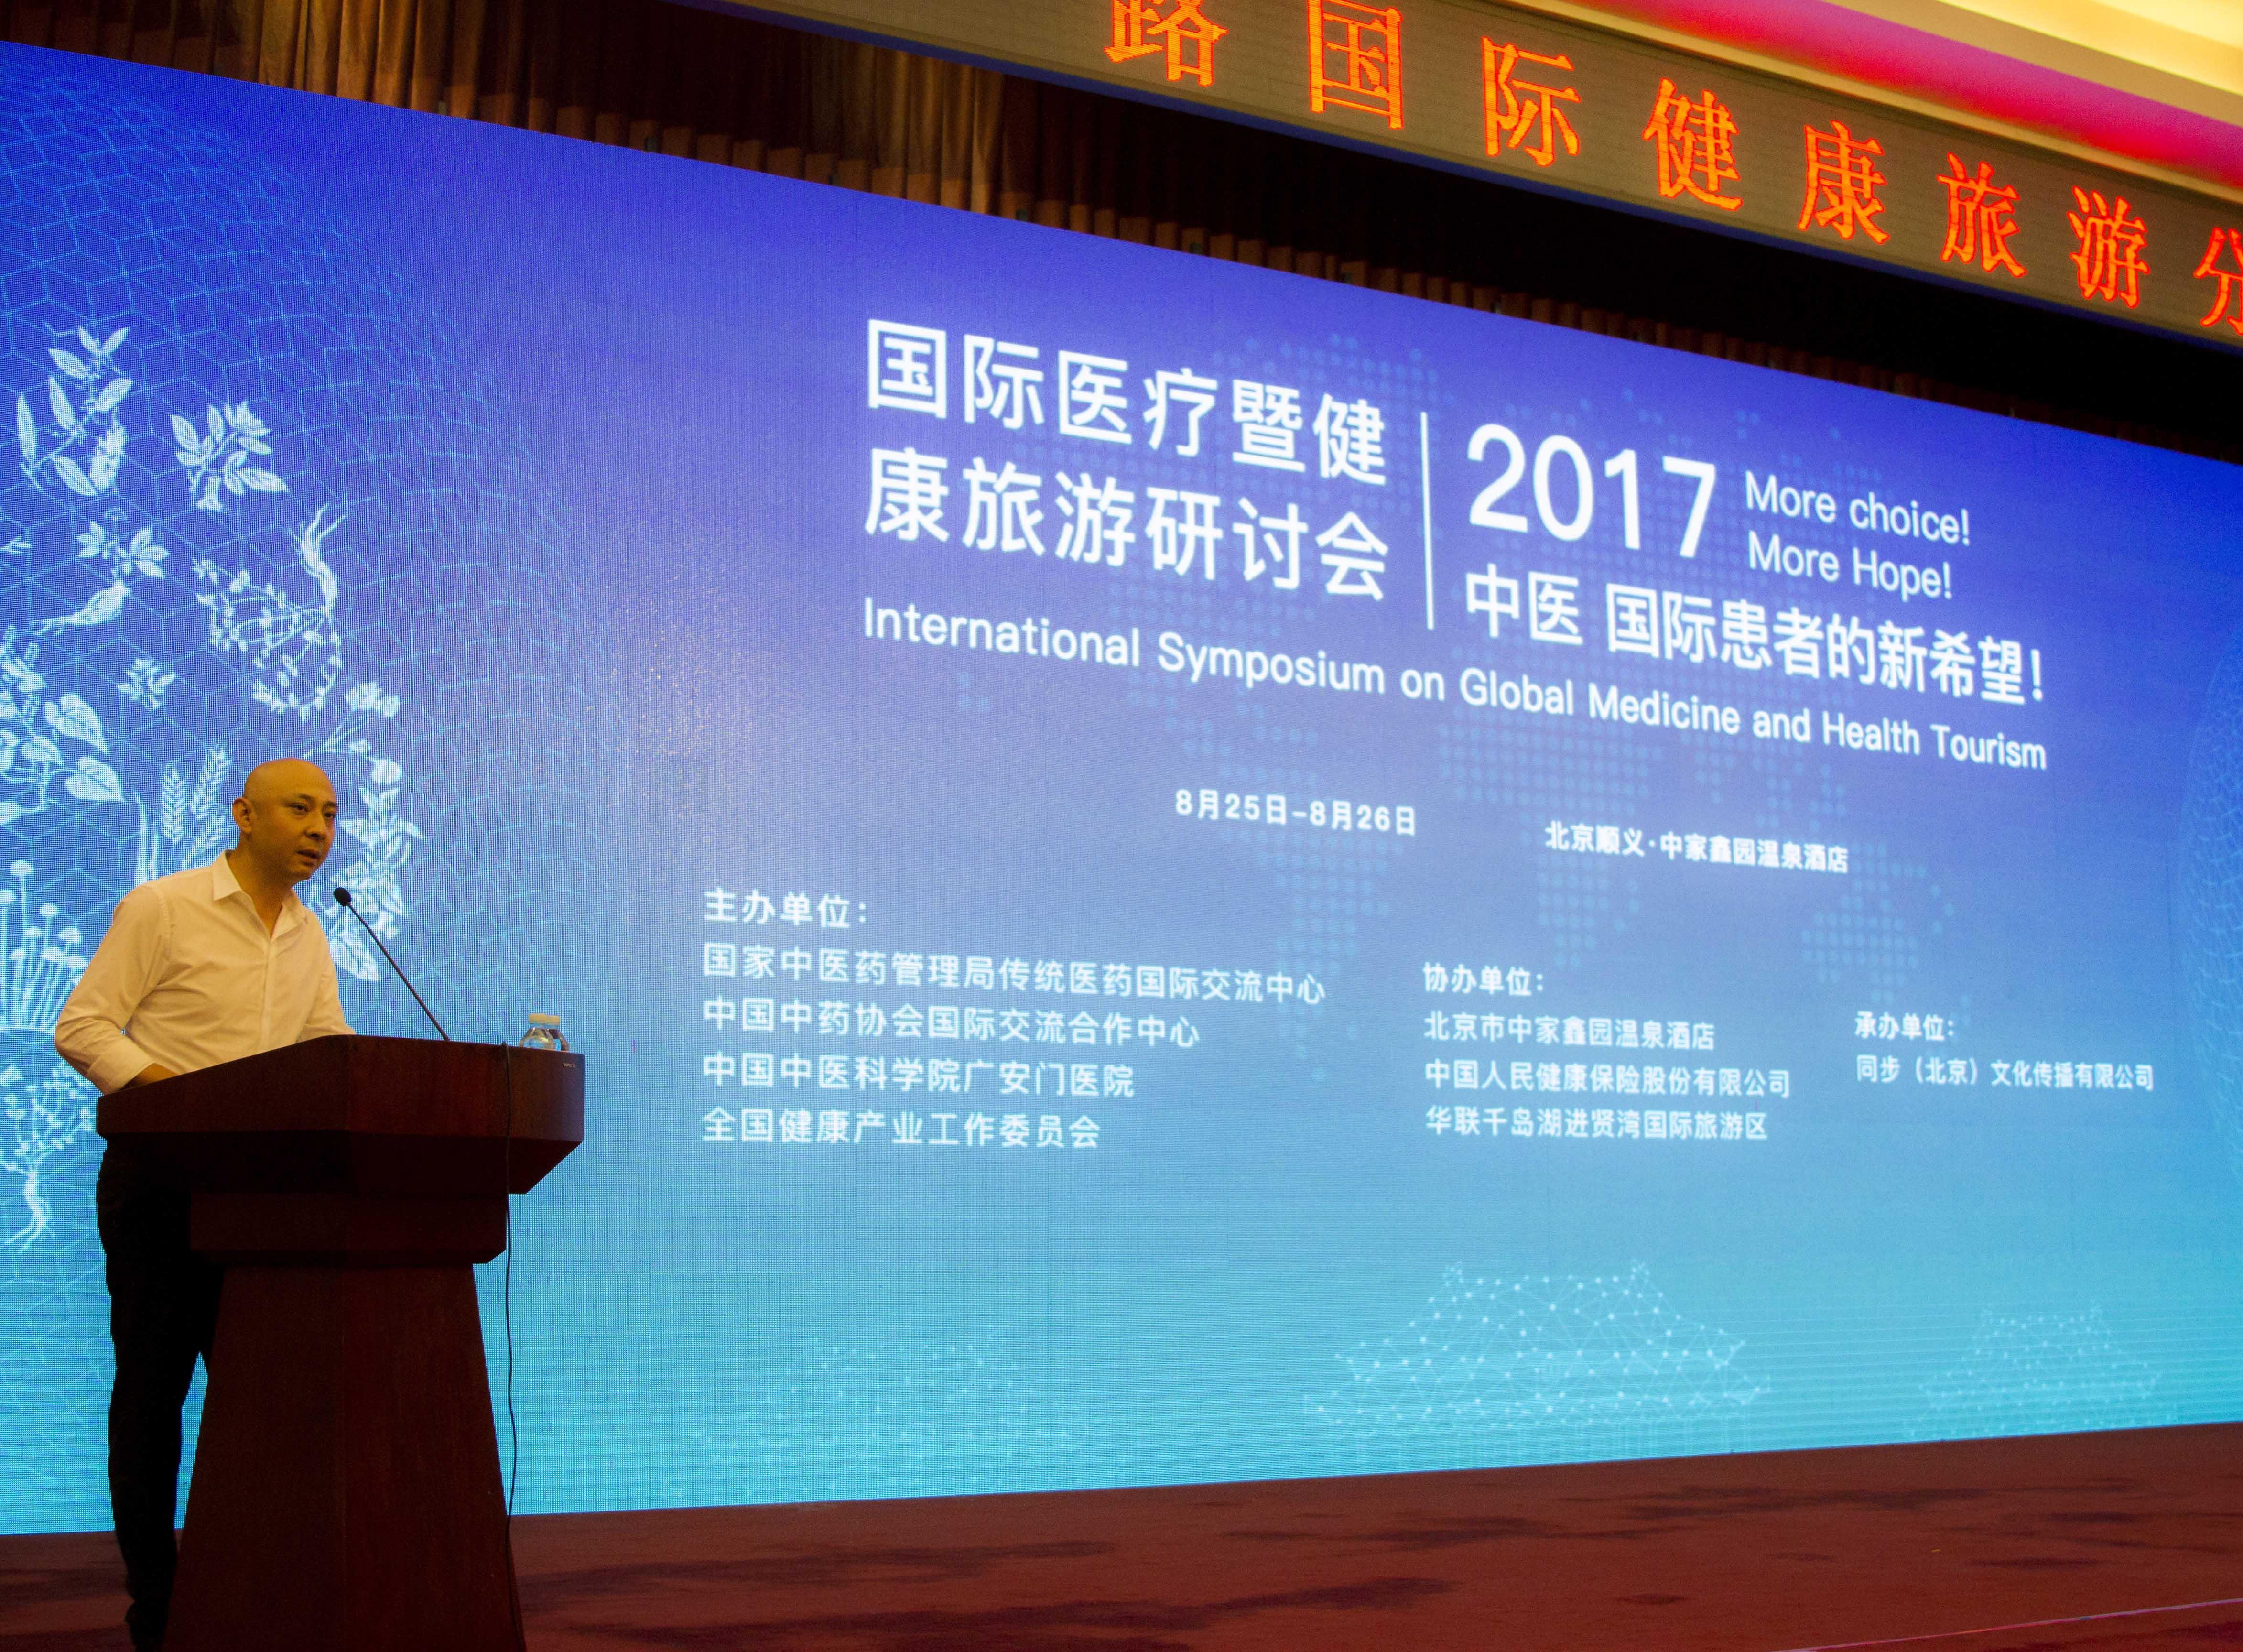 同步文传 | 2017国际医疗暨健康旅游研讨会隆重举行